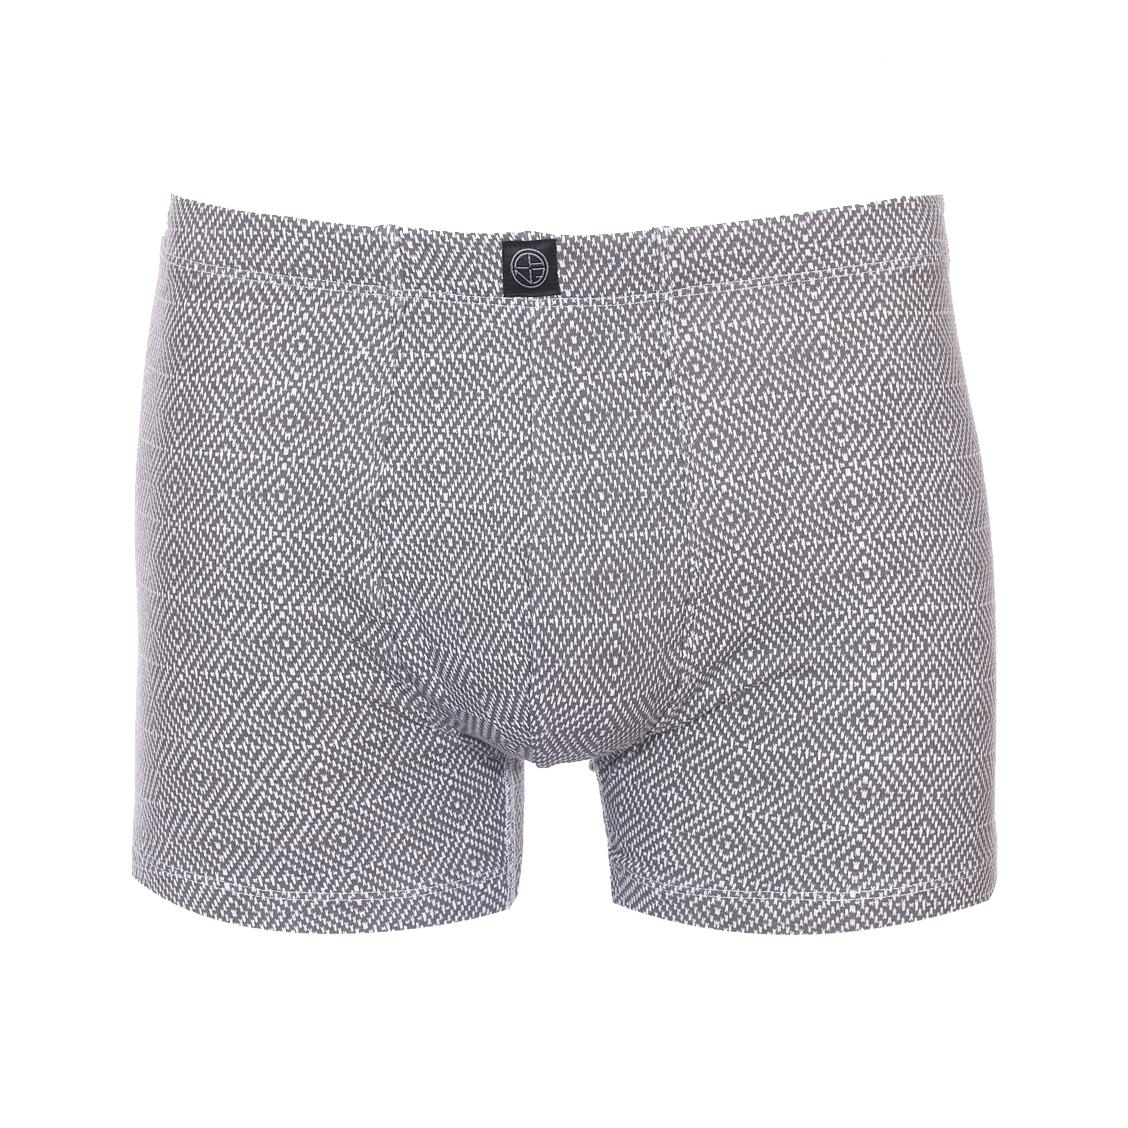 Boxer  kennet en coton mélangé stretch à imprimé graphique gris et blanc